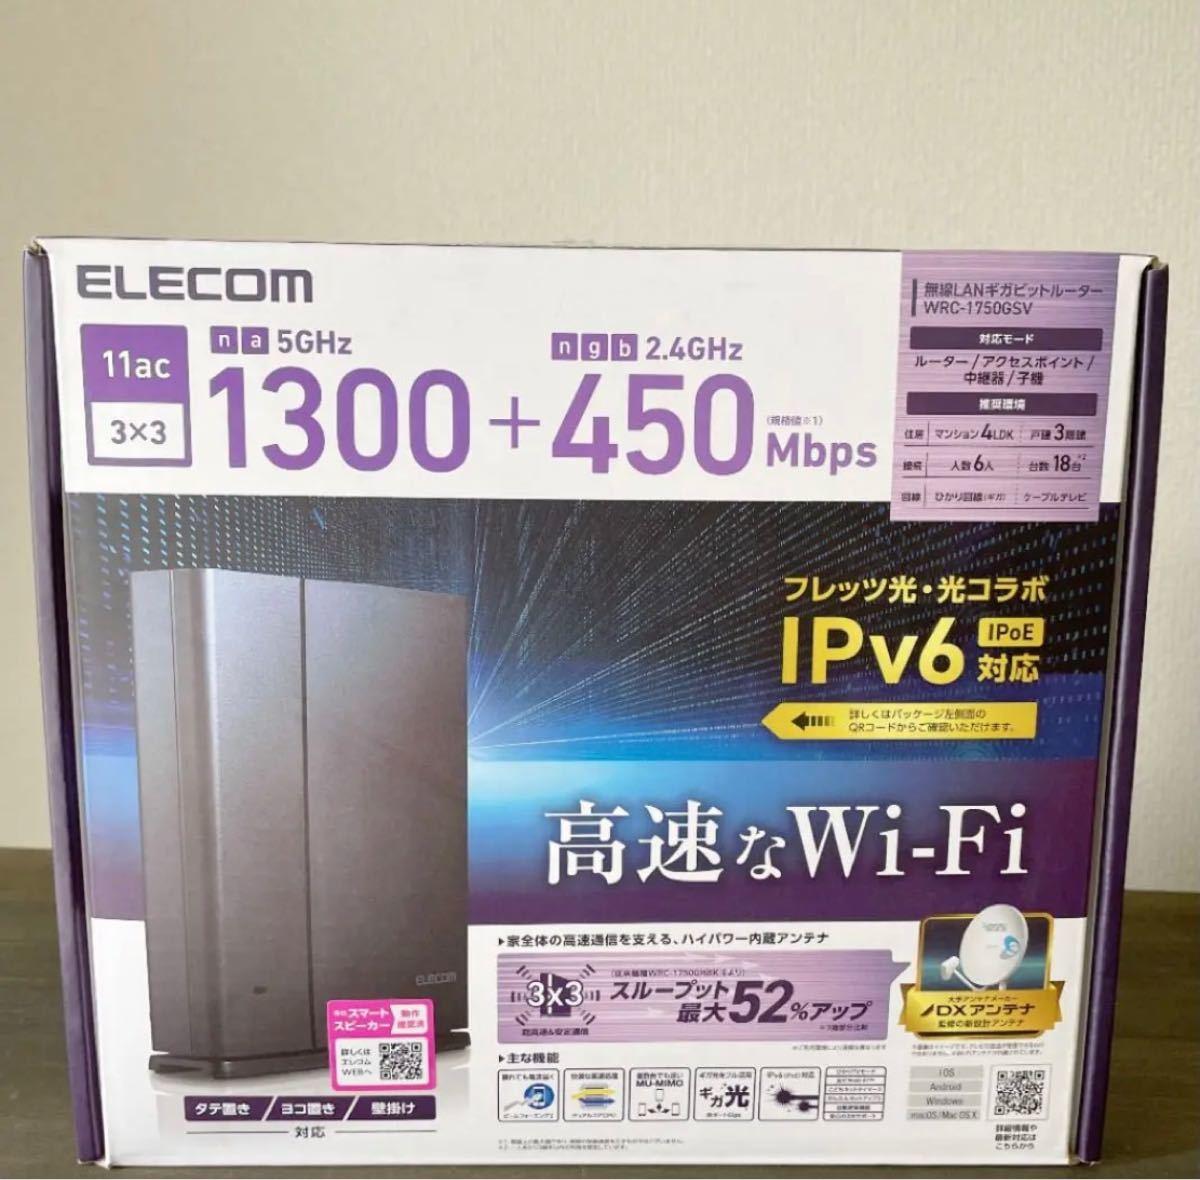 WRC-1750GSV ELECOM 無線LAN 無線LANルーター IPv6 エレコム ルーター WiFi